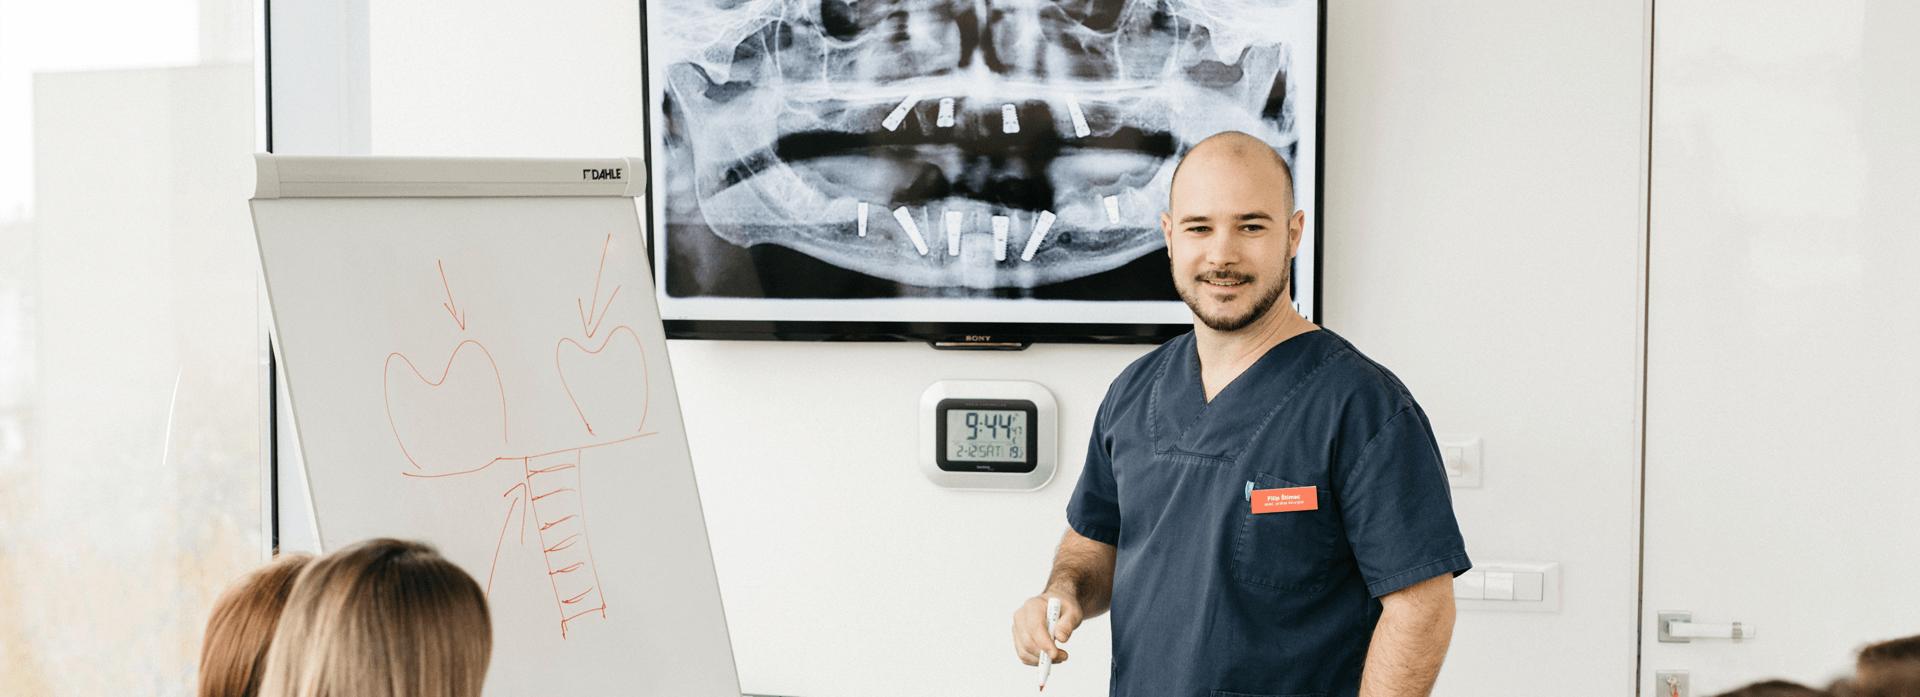 Zubni implantati inozemni pacijenti - Stomatološka poliklinika